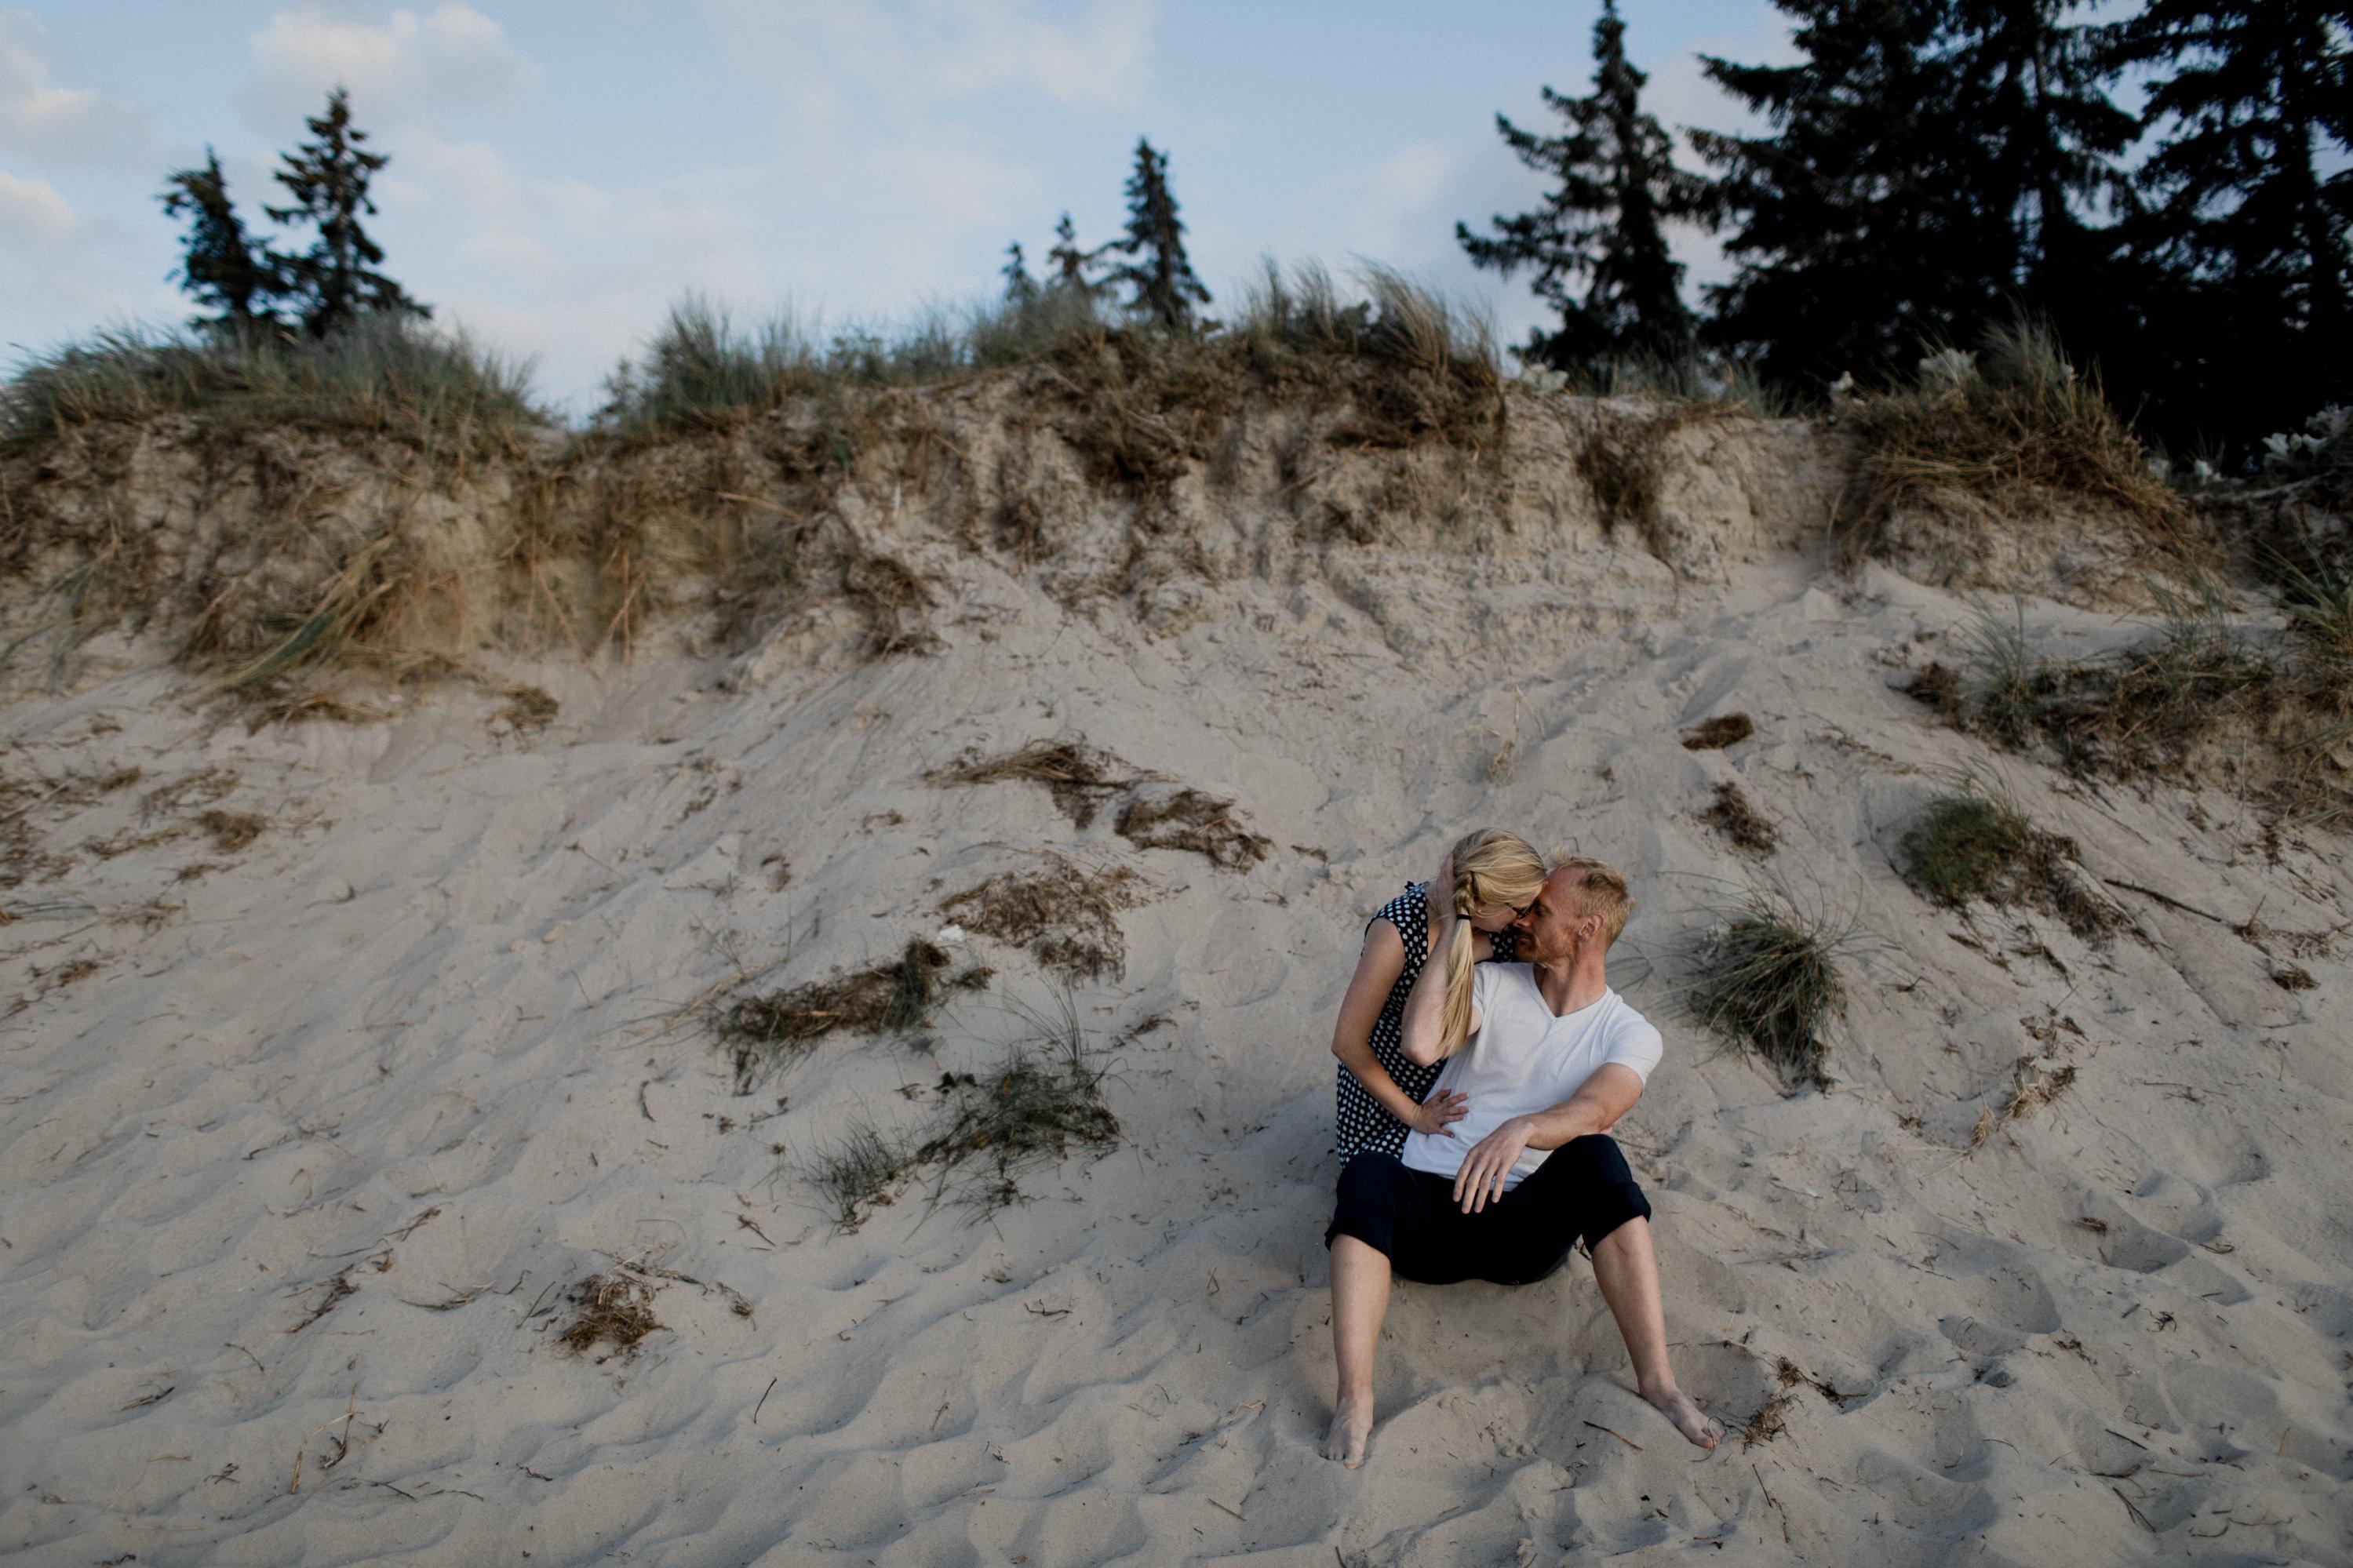 Pärchenshooting am Strand von Torfbrücke bei Graal Müritz, Kreis Rostock Warnemünde. Fotografiert von den Hochzeitsfotografen Tom und Lia aus Rostock.